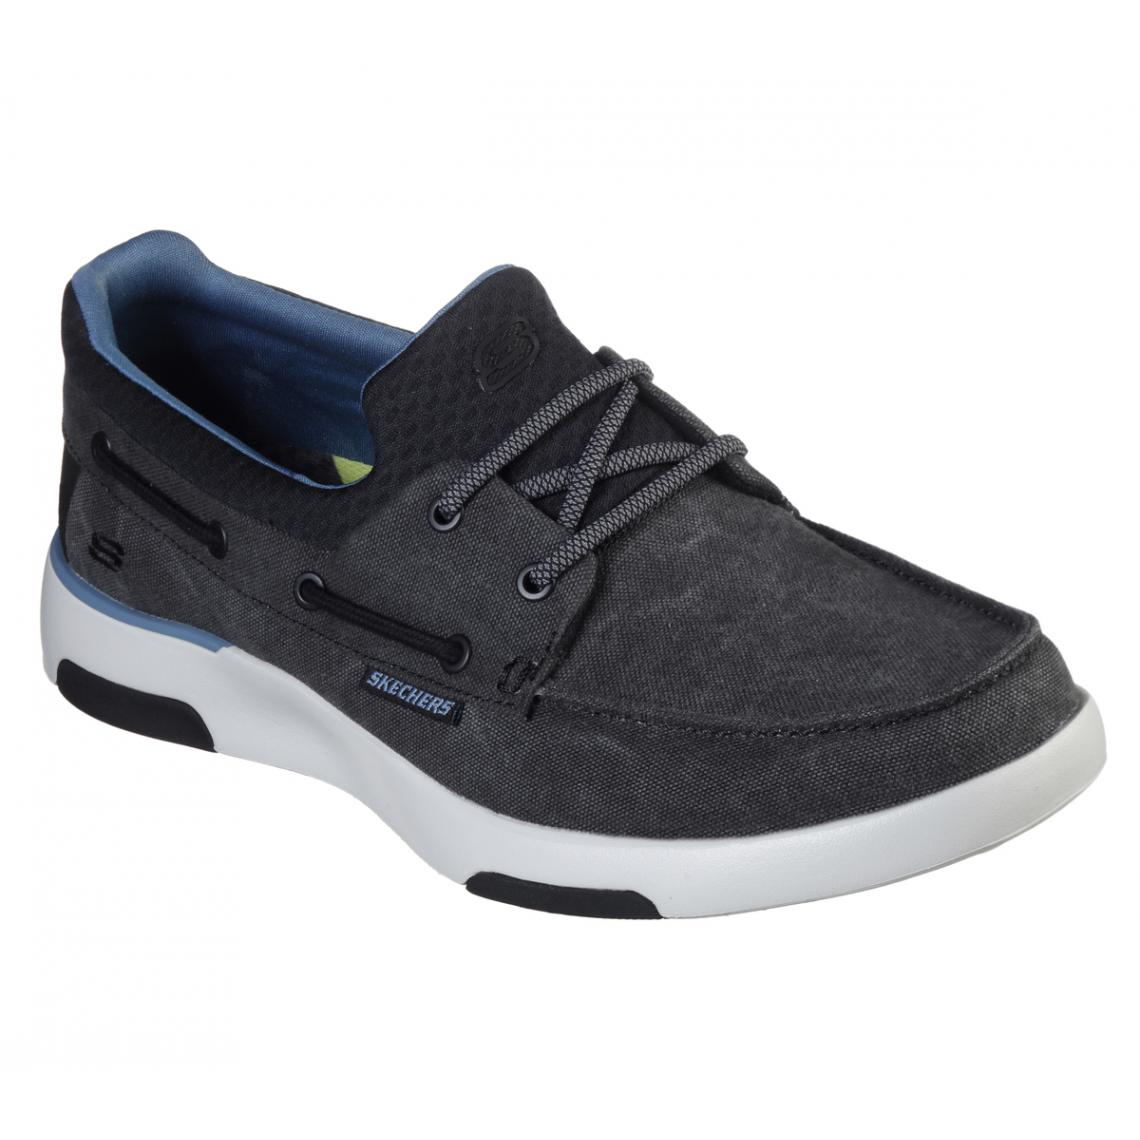 Promo : chaussures basses Noir bellinger garmo - Skechers - Modalova